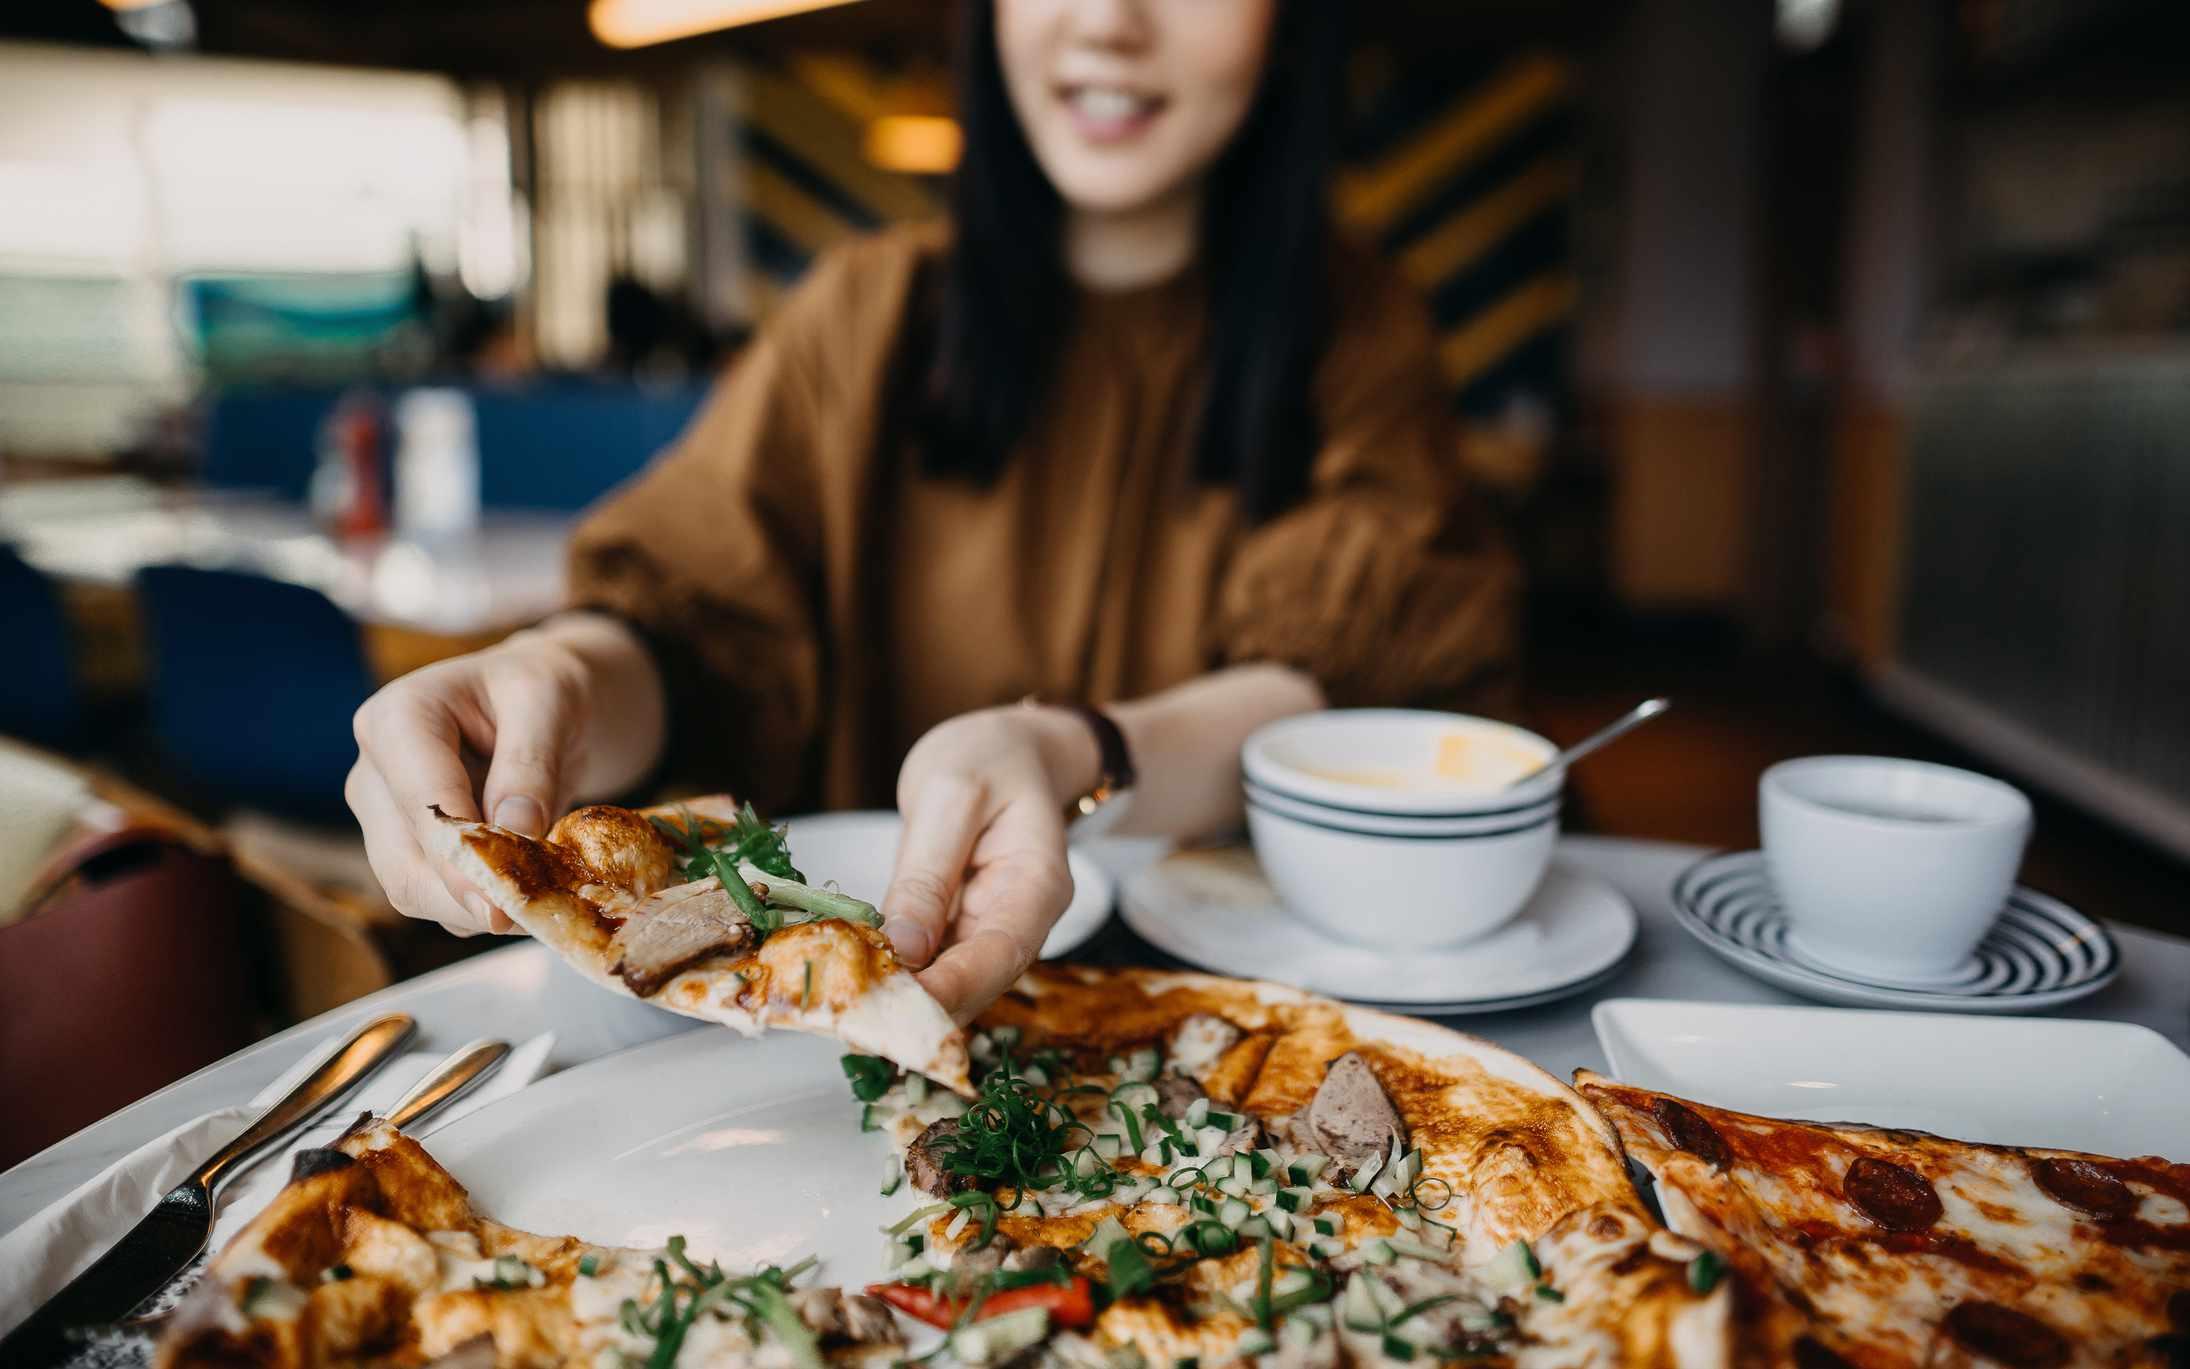 Mujer alcanzando una porción de pizza.